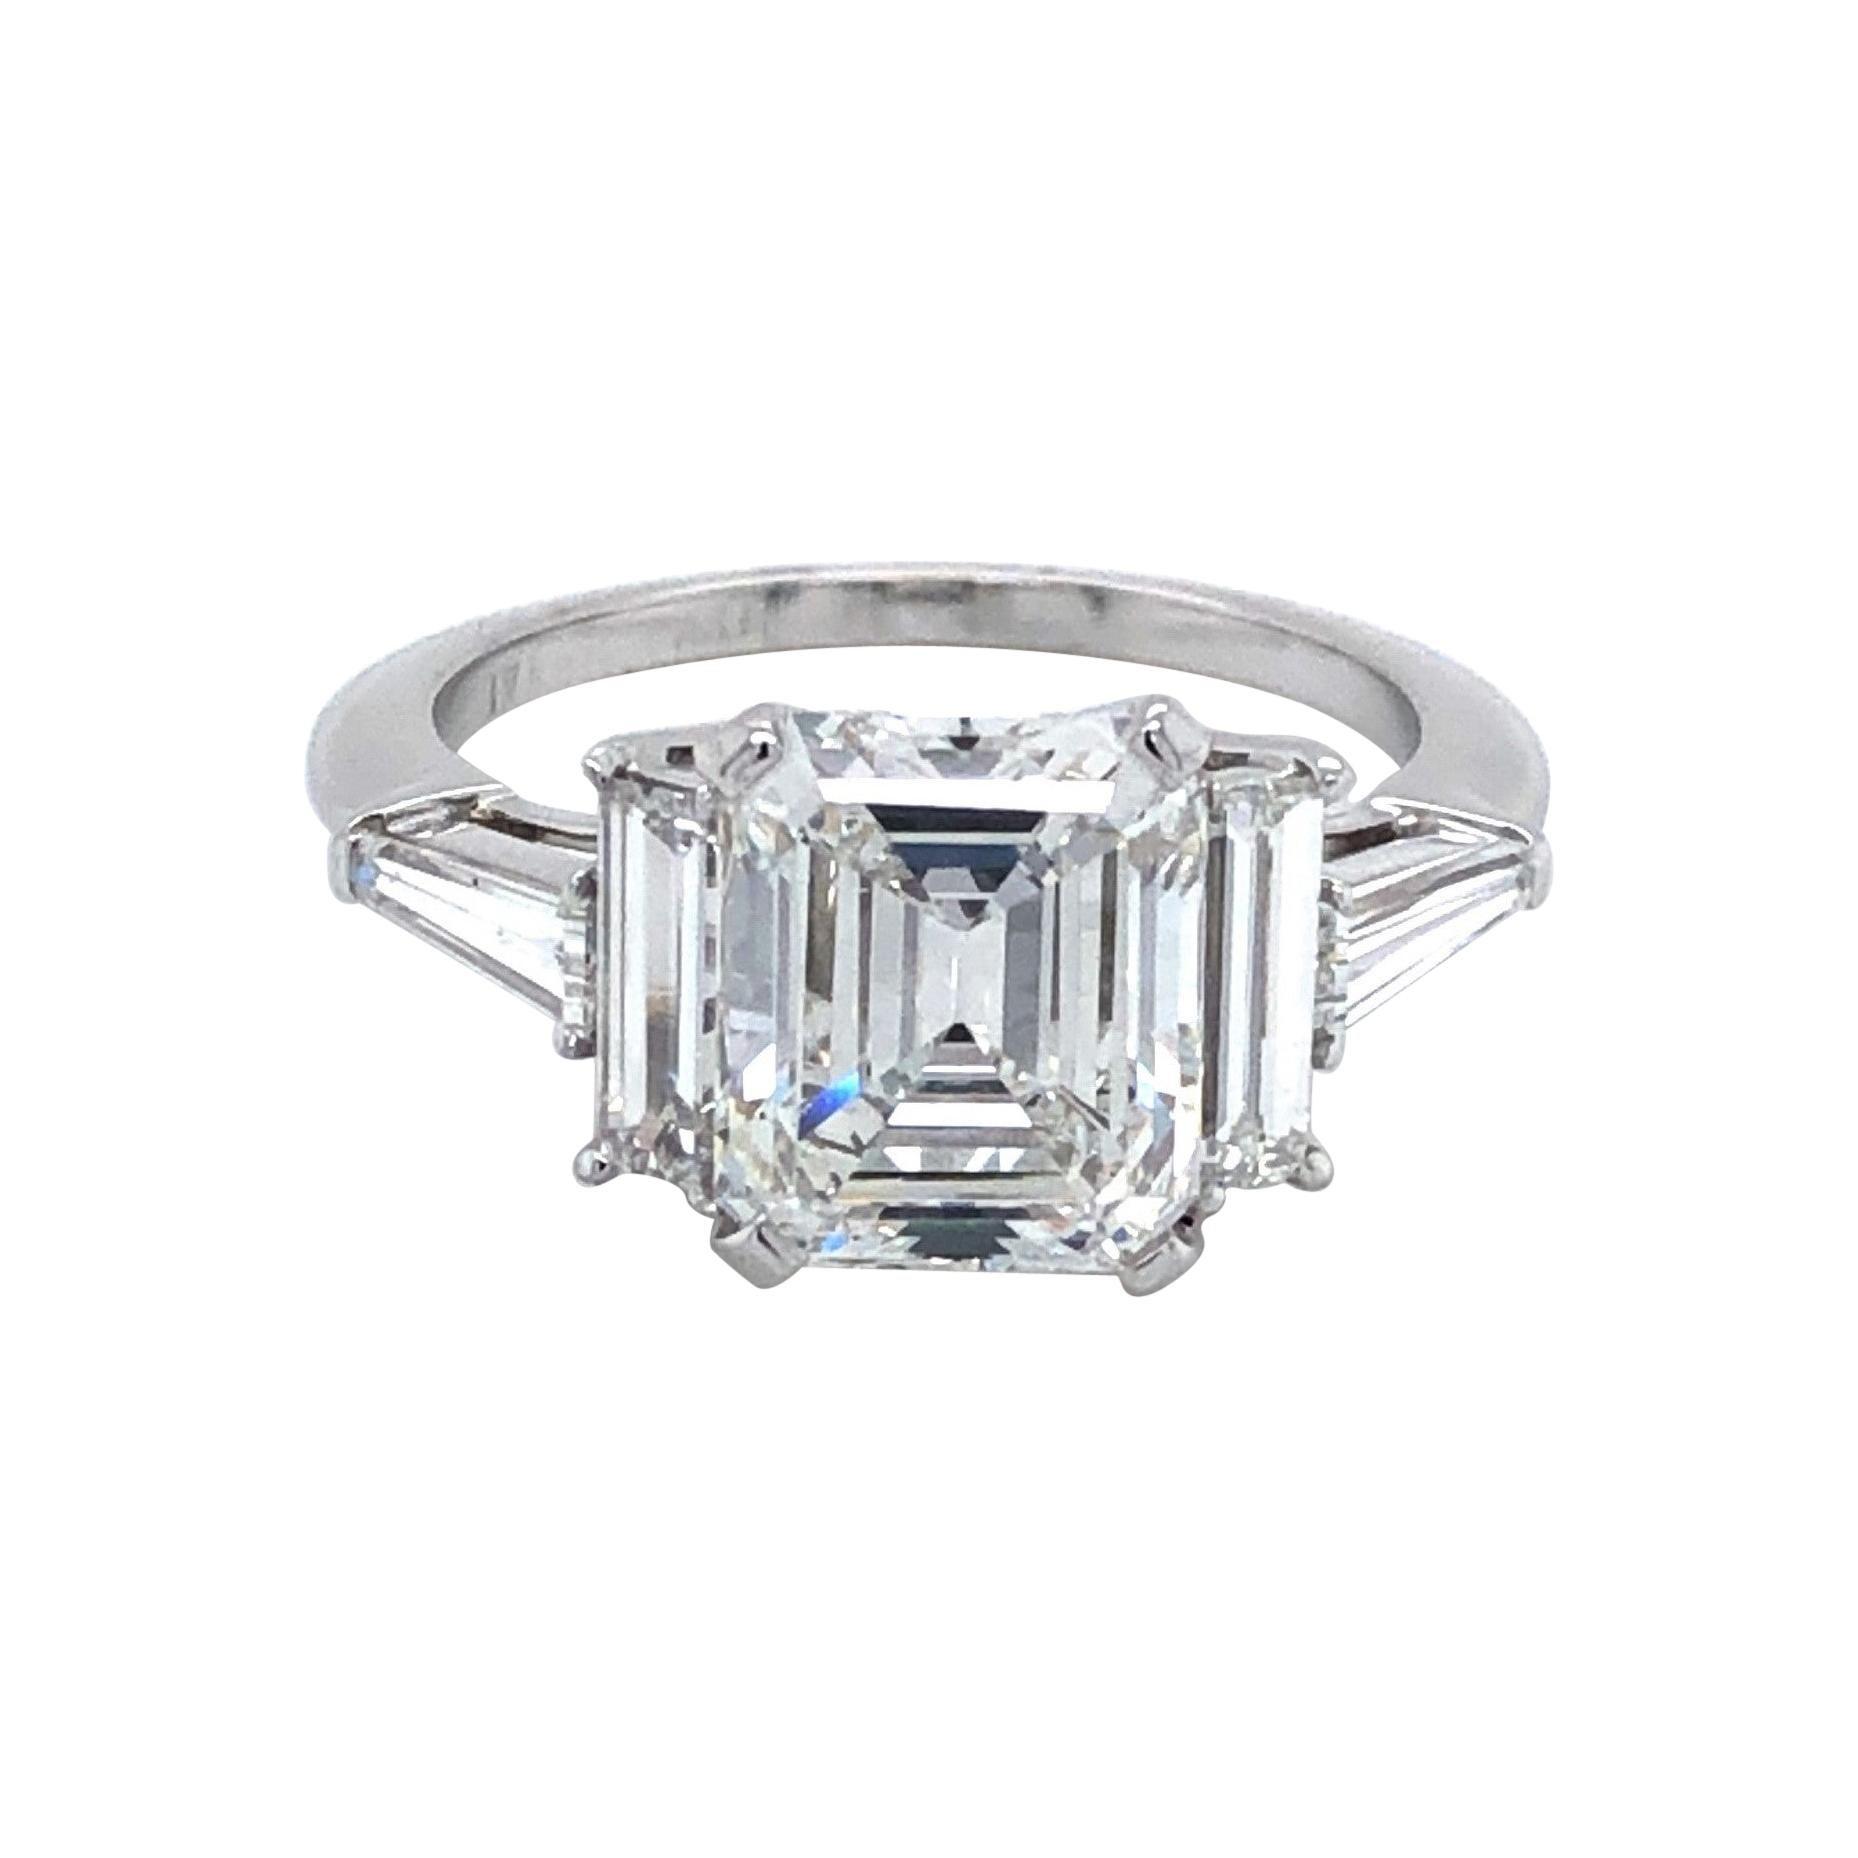 GIA Certified 3.01 Carat Diamond Platinum Engagement Ring